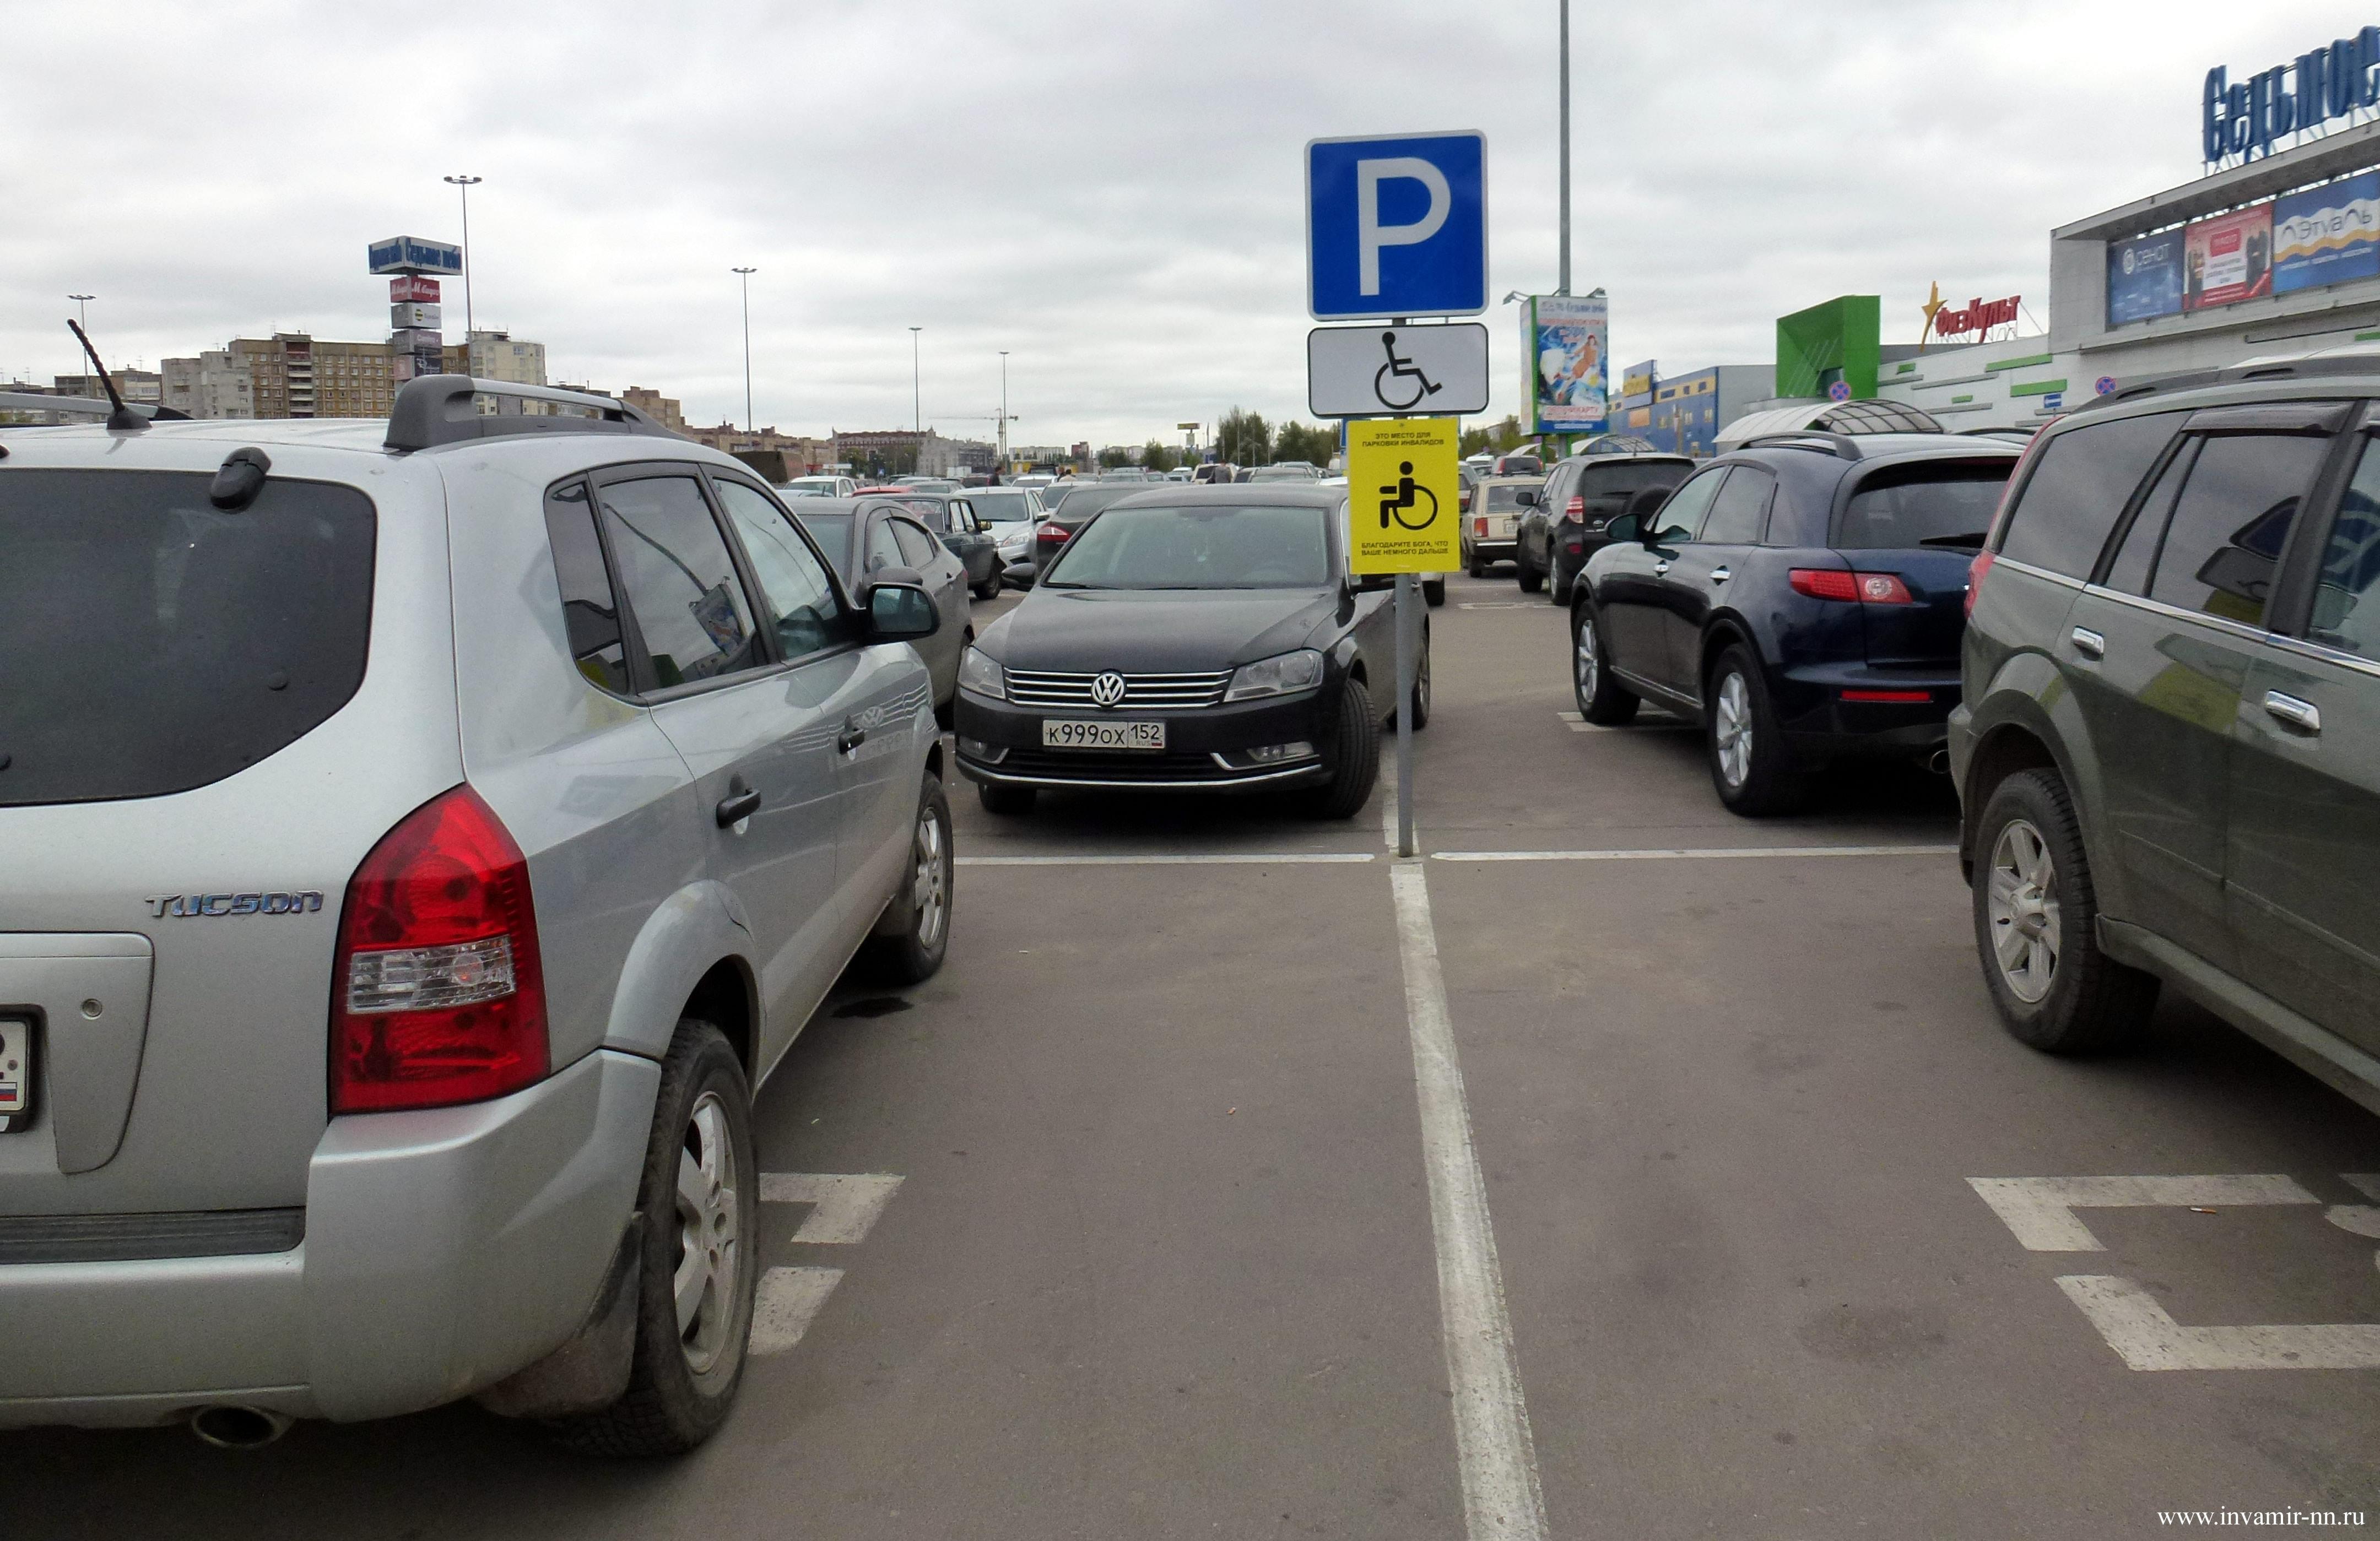 Парковка на месте инвалида штраф в москве